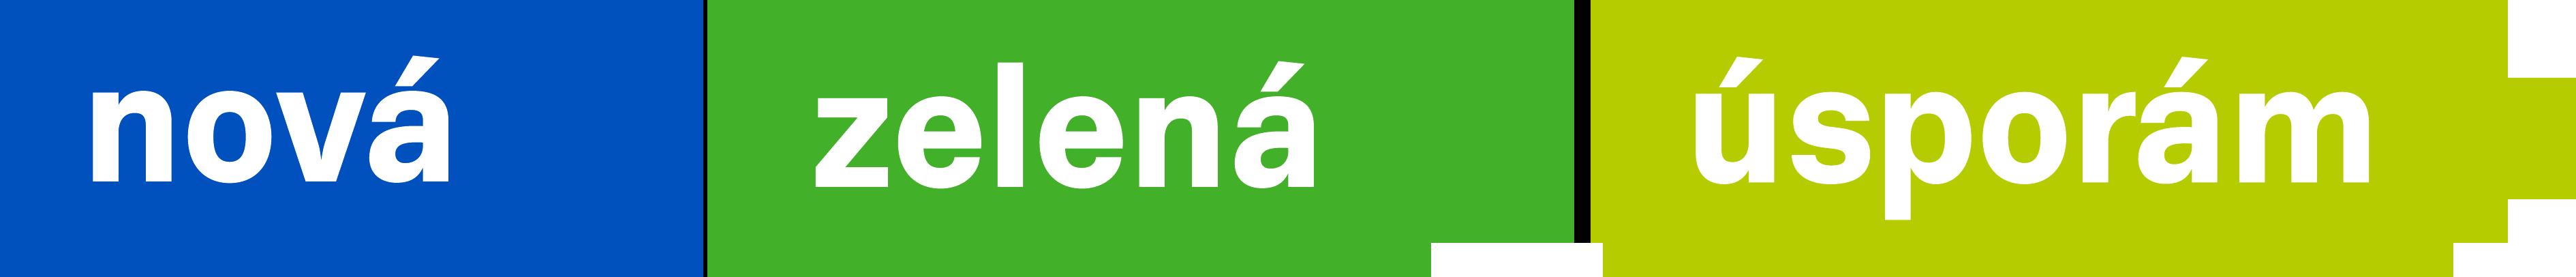 zelena-usporam-doplnkova-varianta-lg